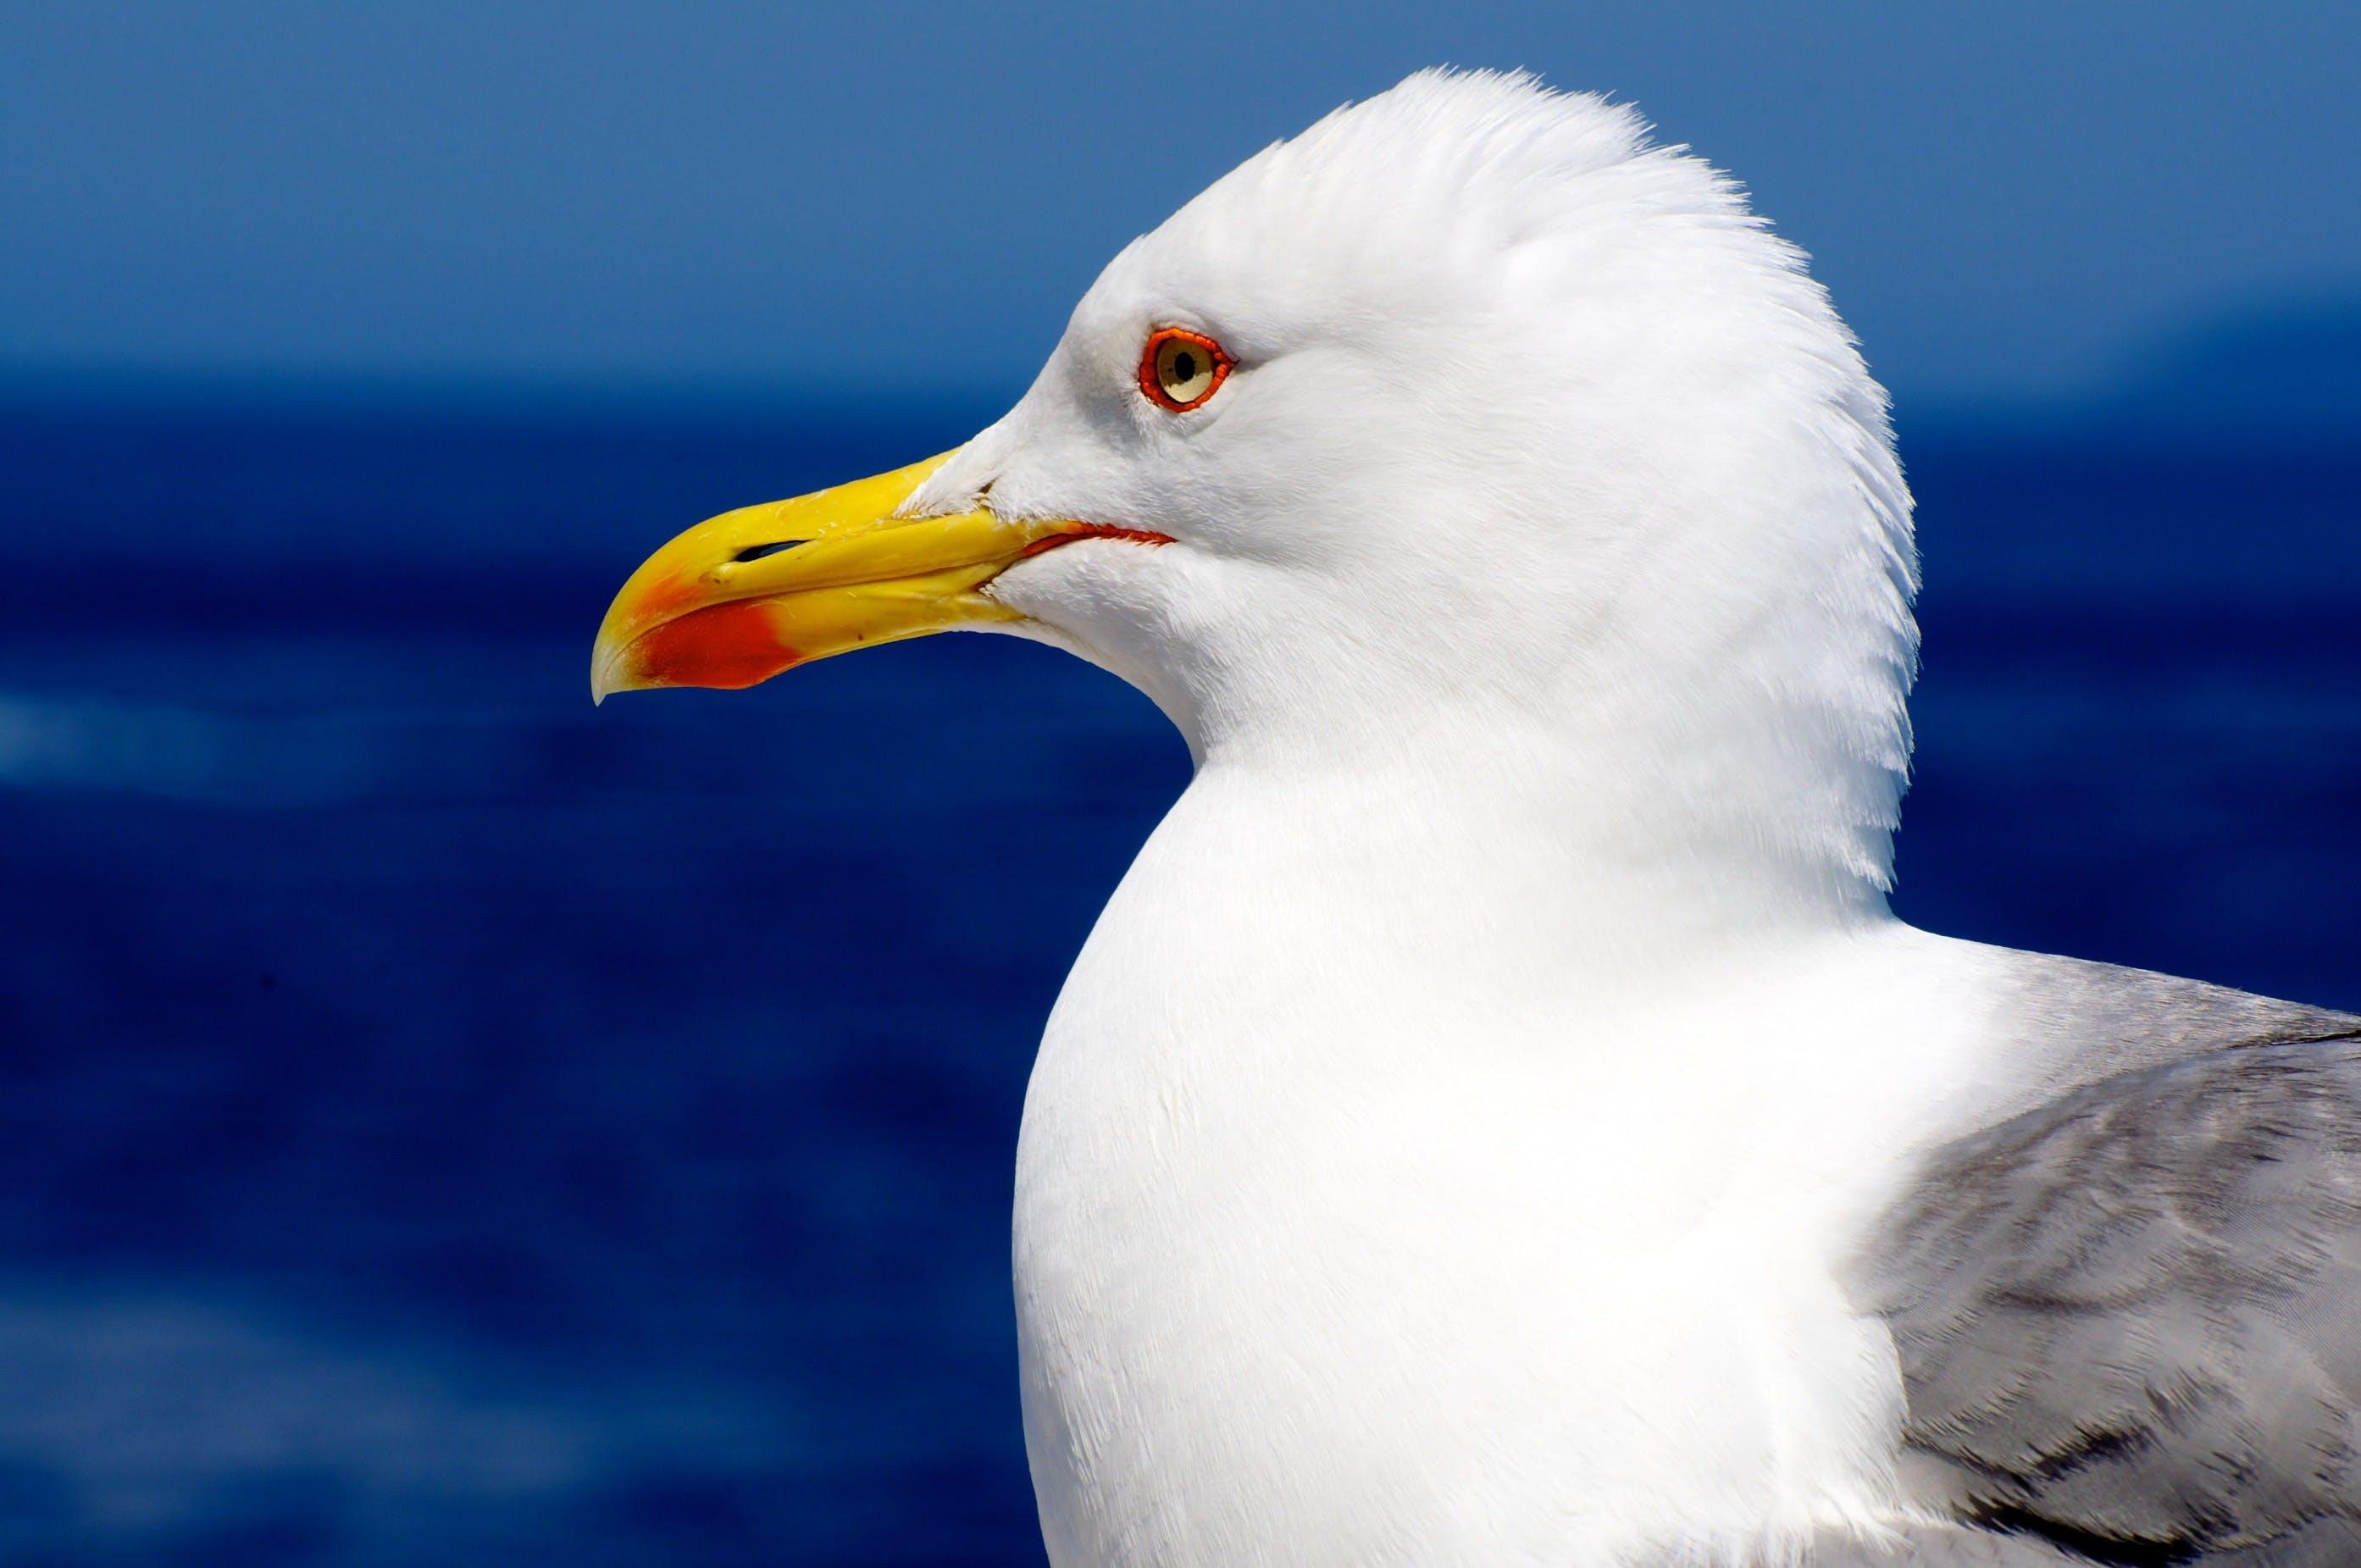 Ảnh lưu trữ miễn phí về cận cảnh, con vật, mòng biển, Nước